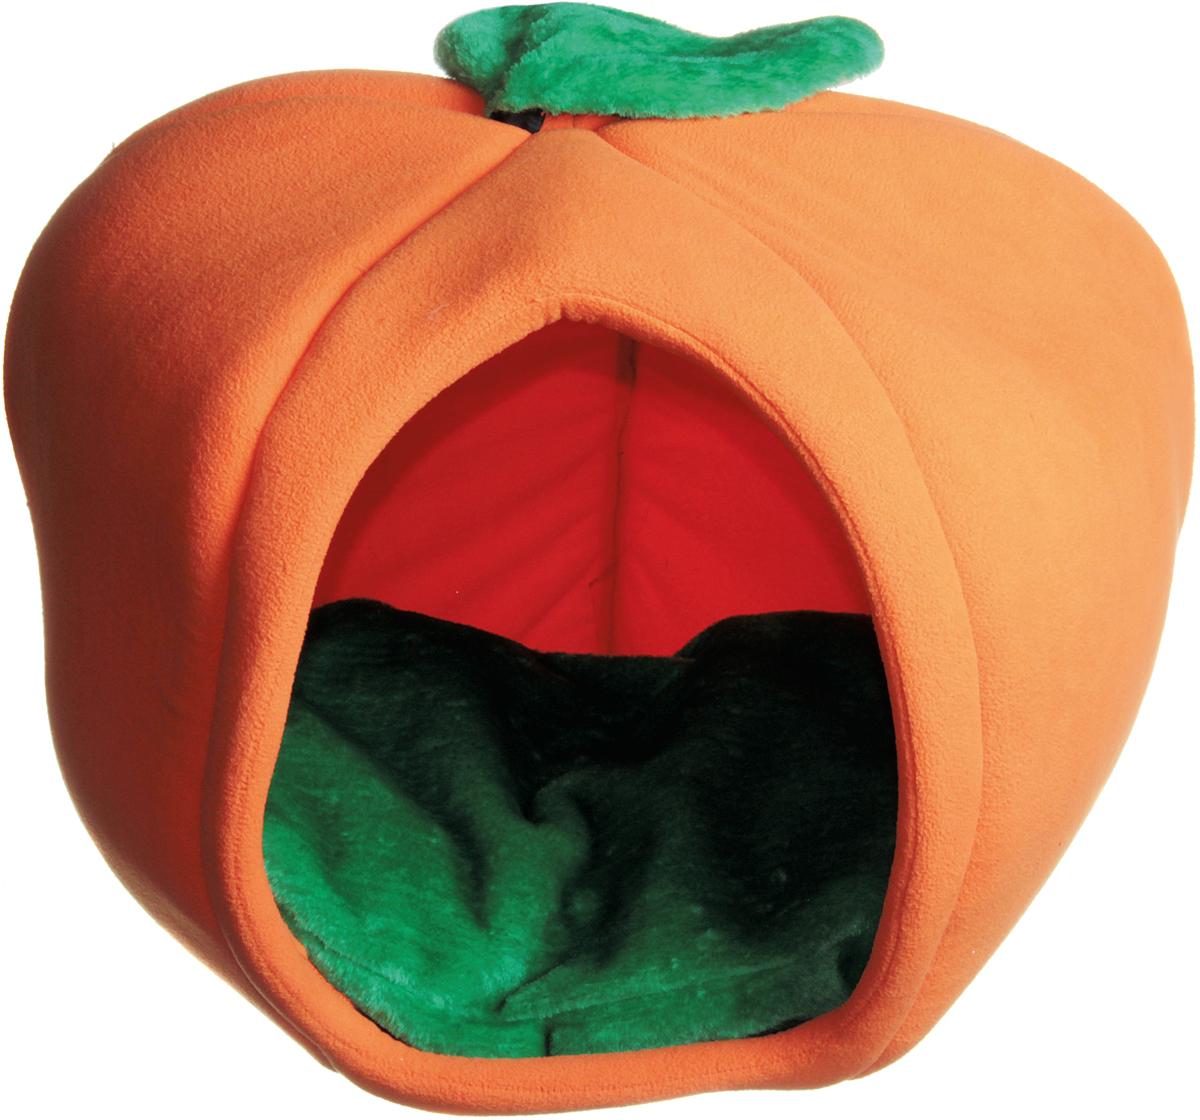 Домик для кошки Зооник Тыква, цвет: оранжевый, зеленый, 50 х 50 х 40 см22120Домик Тыква для кошек и маленьких собак обязательно понравится вашему питомцу. Изготовлен из мягкого флиса. Домик станет любимым местом отдыха вашего любимца и дополнит ваш интерьер необычным дизайном. Ваш любимец сразу же захочет забраться внутрь, там он сможет отдохнуть и спрятаться. Компактные размеры позволят поместить домик, где угодно, а приятная цветовая гамма сделает его оригинальным дополнением к любому интерьеру.